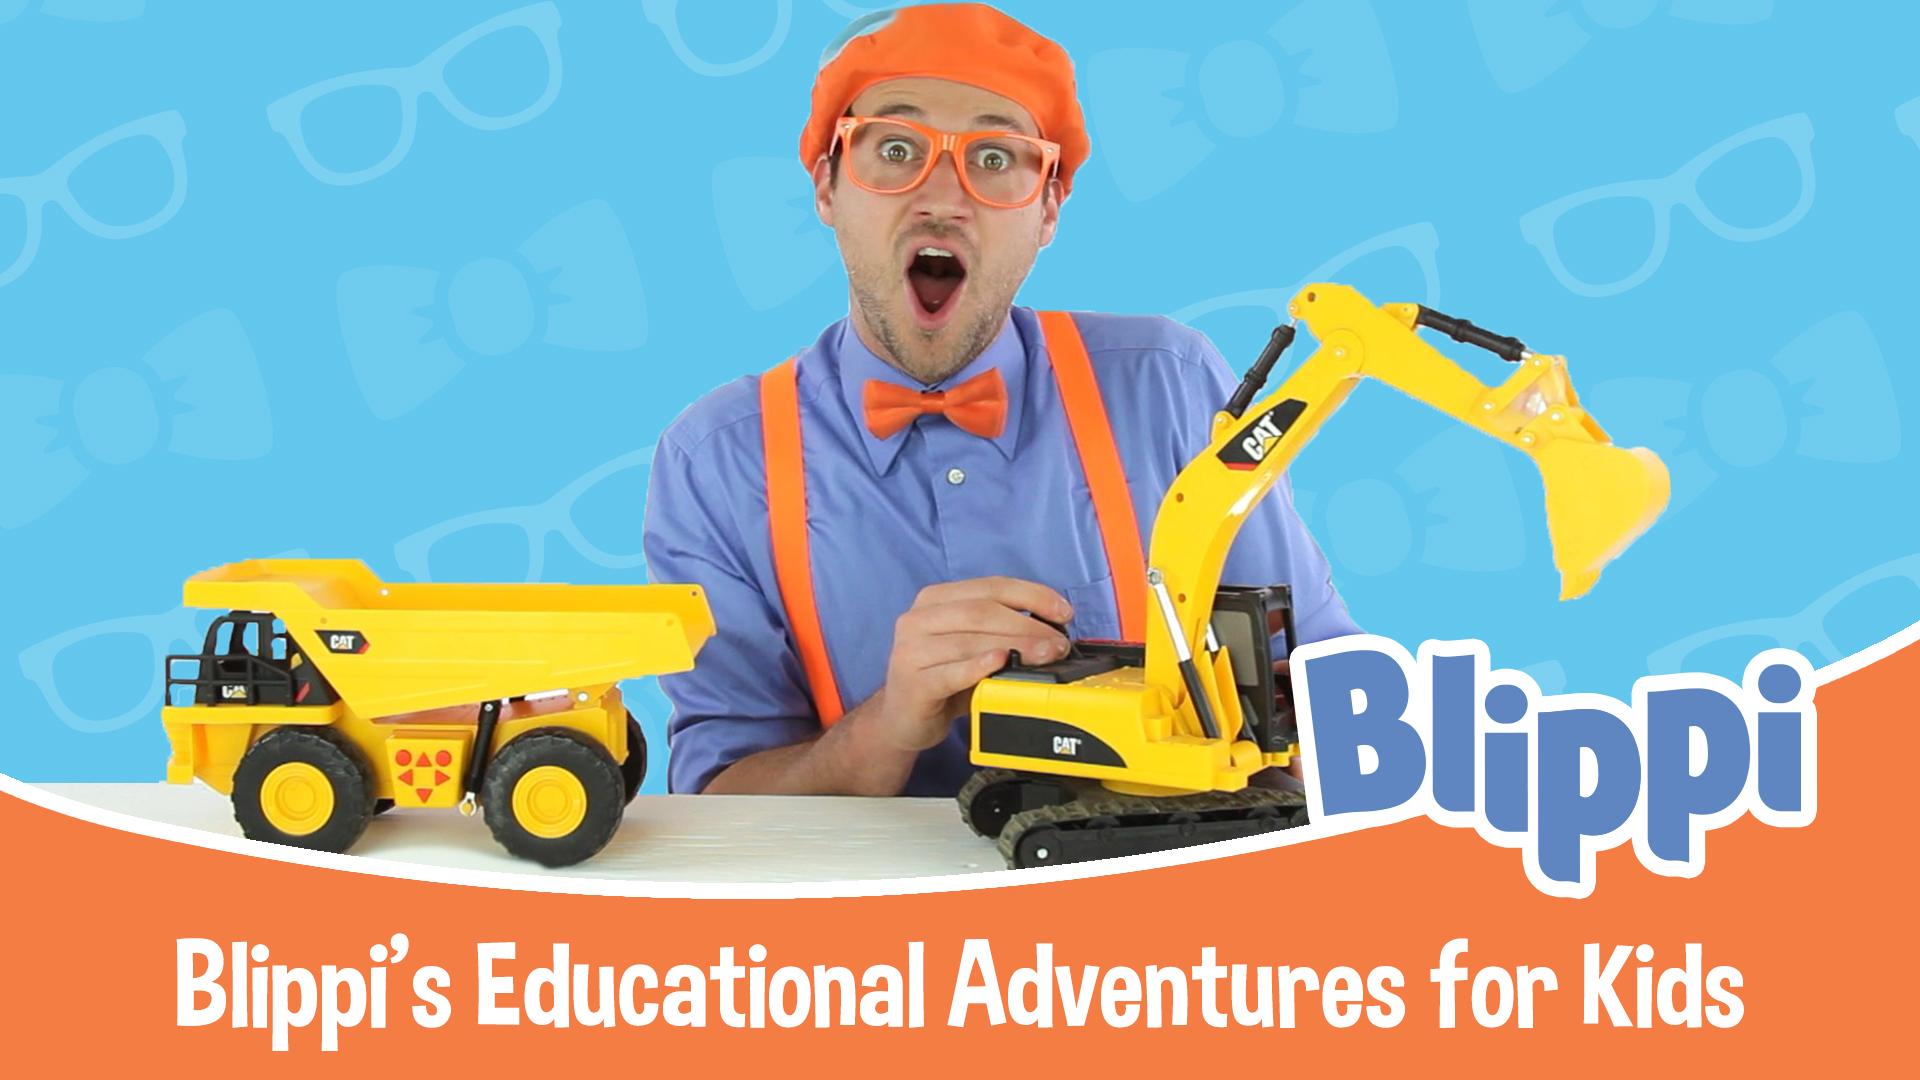 Blippi - Blippi's Educational Adventures for Kids on Amazon Prime Video UK